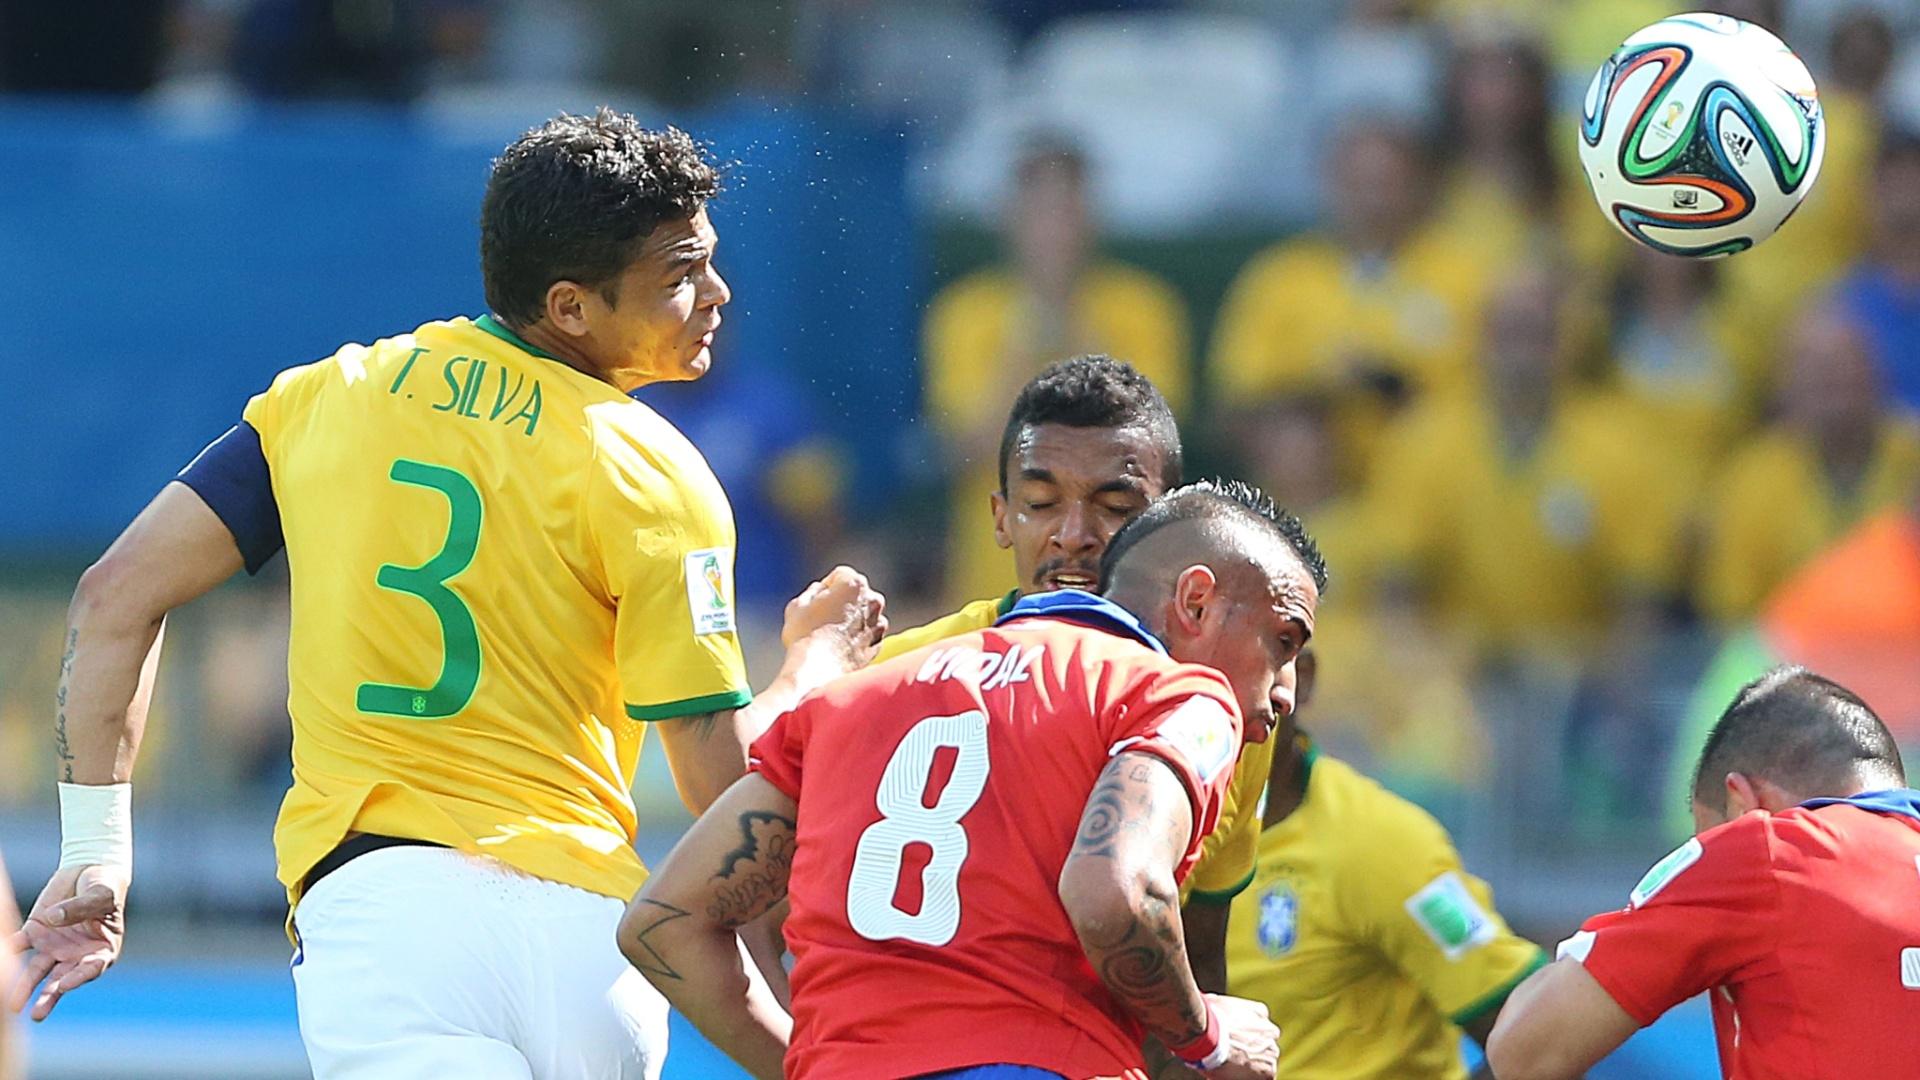 Zagueiro Thiago Silva tira a bola de cabeça na partida contra o Chile, no Mineirão